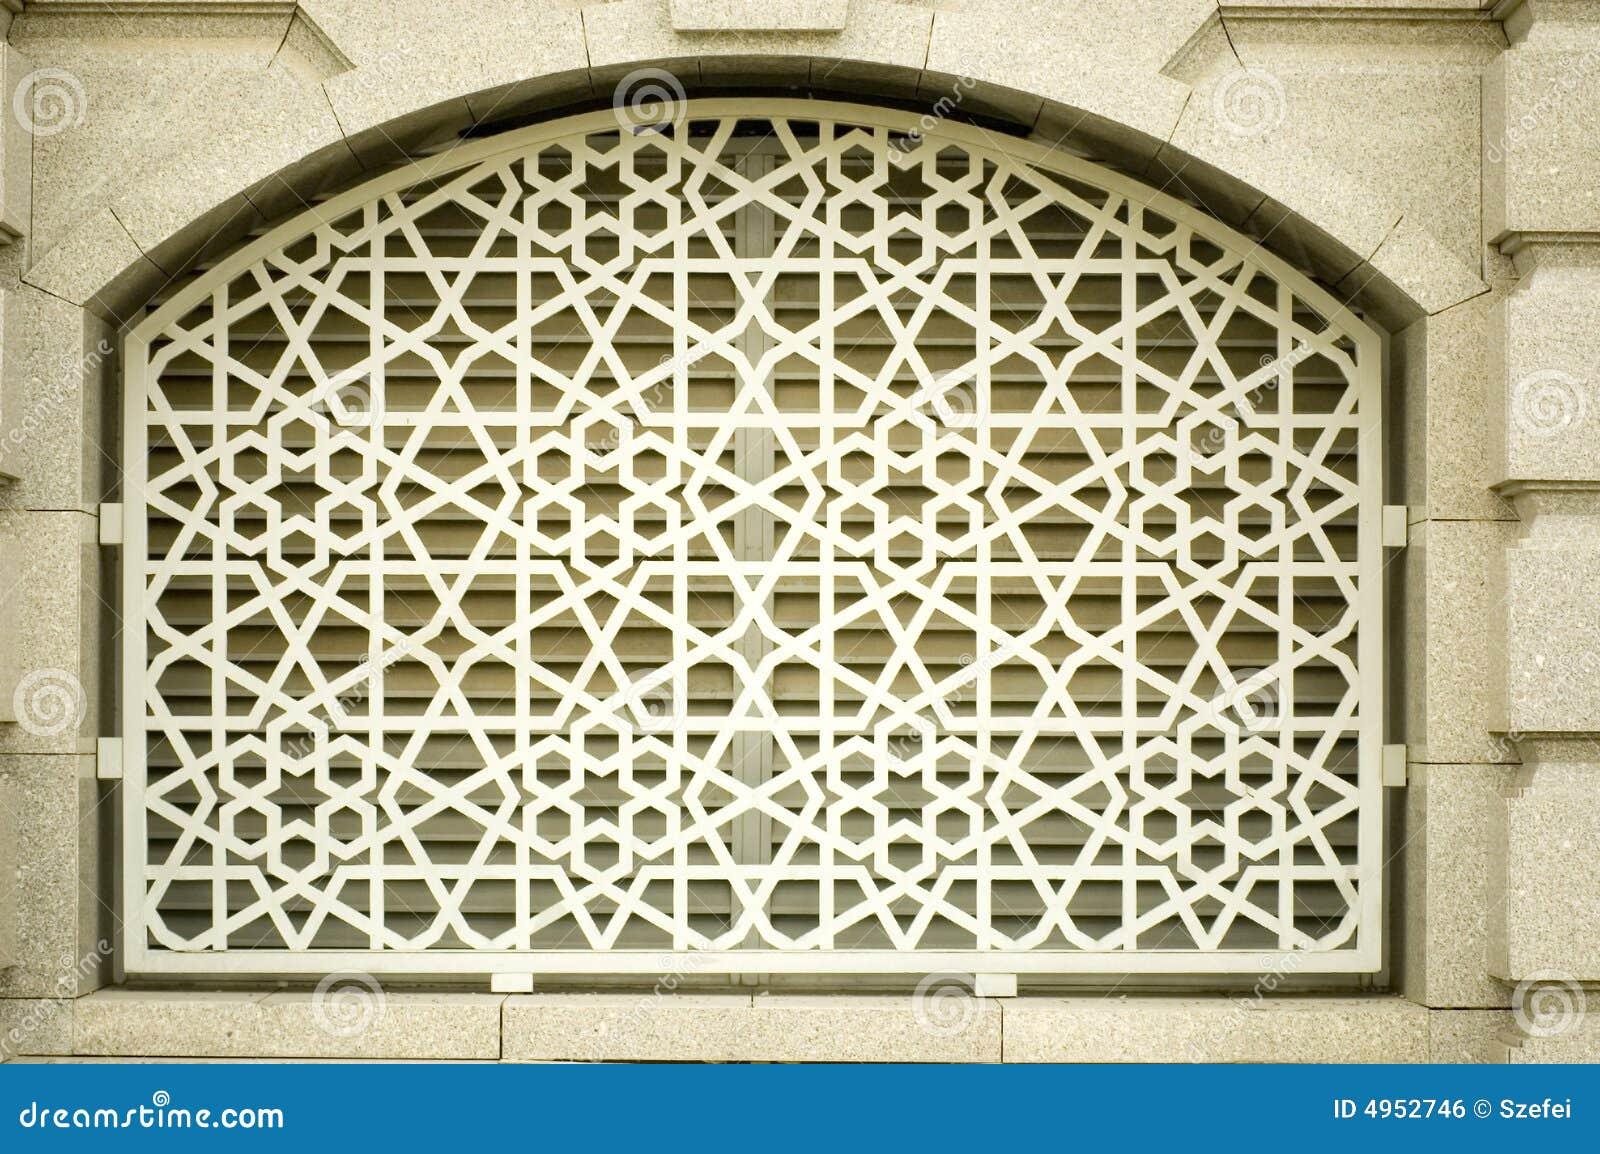 Islamic Design Royalty Free Stock Image Image 4952746